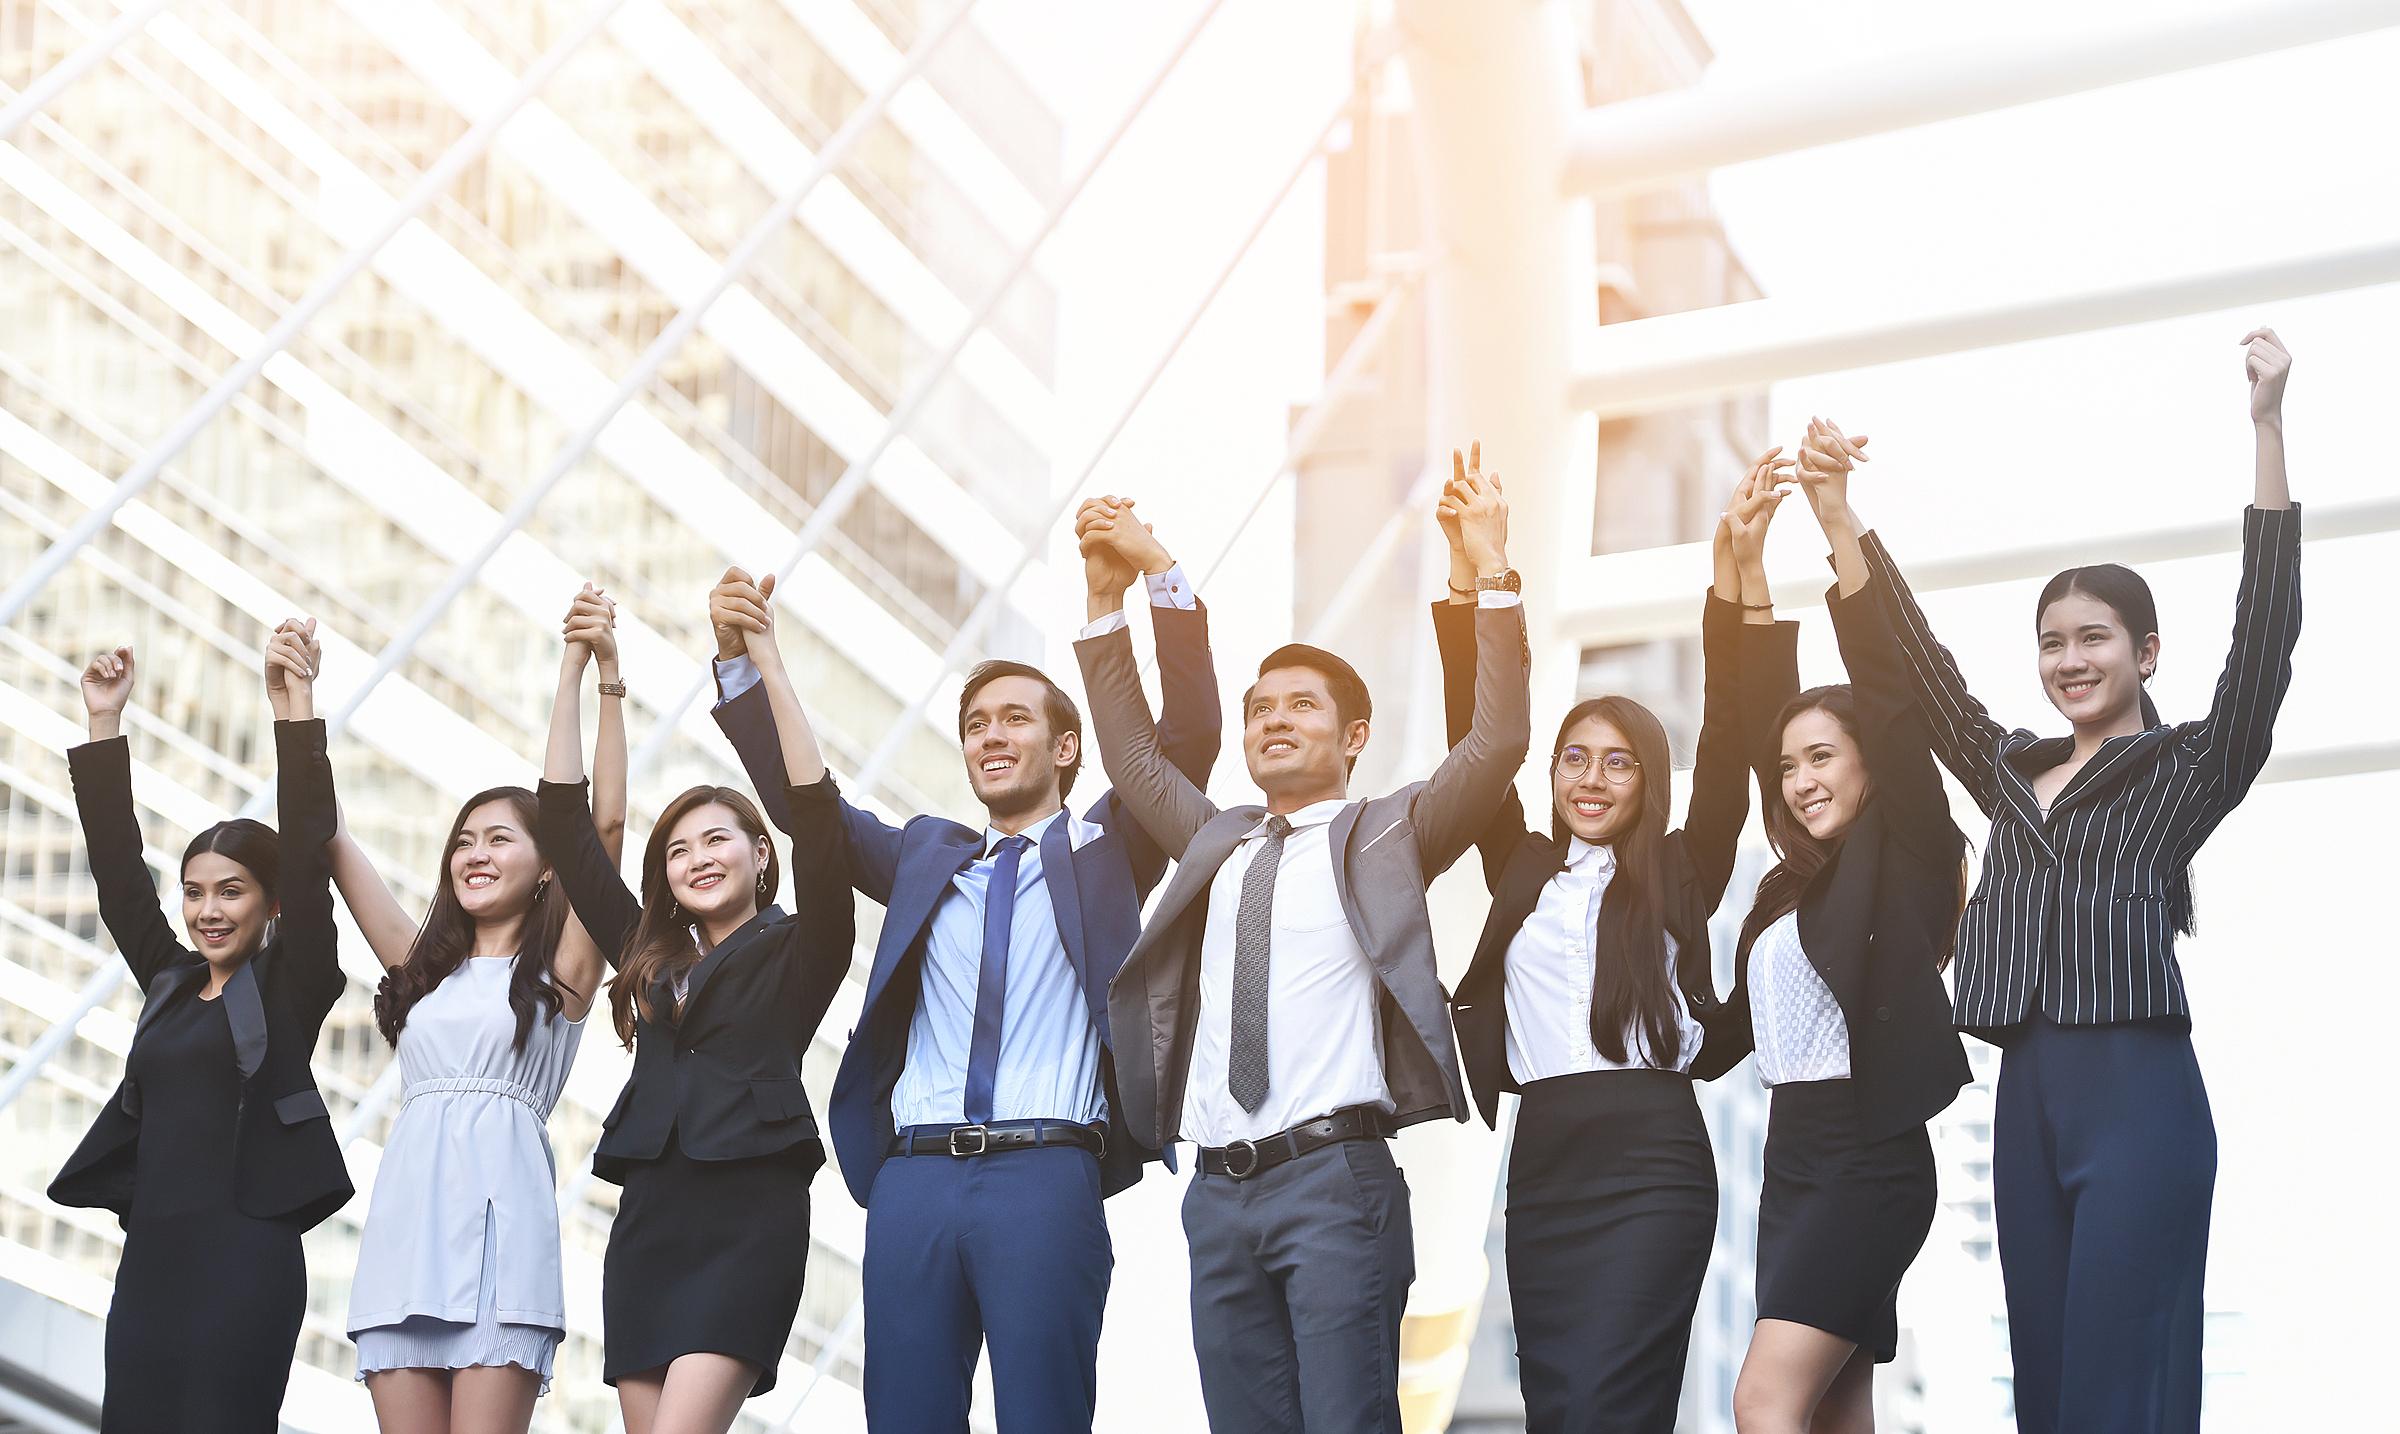 Chuyên viên tư vấn tài chính (hay Financial advisor) là người hỗ trợ công ty đầu tư tài chính và quản lý tài sản.